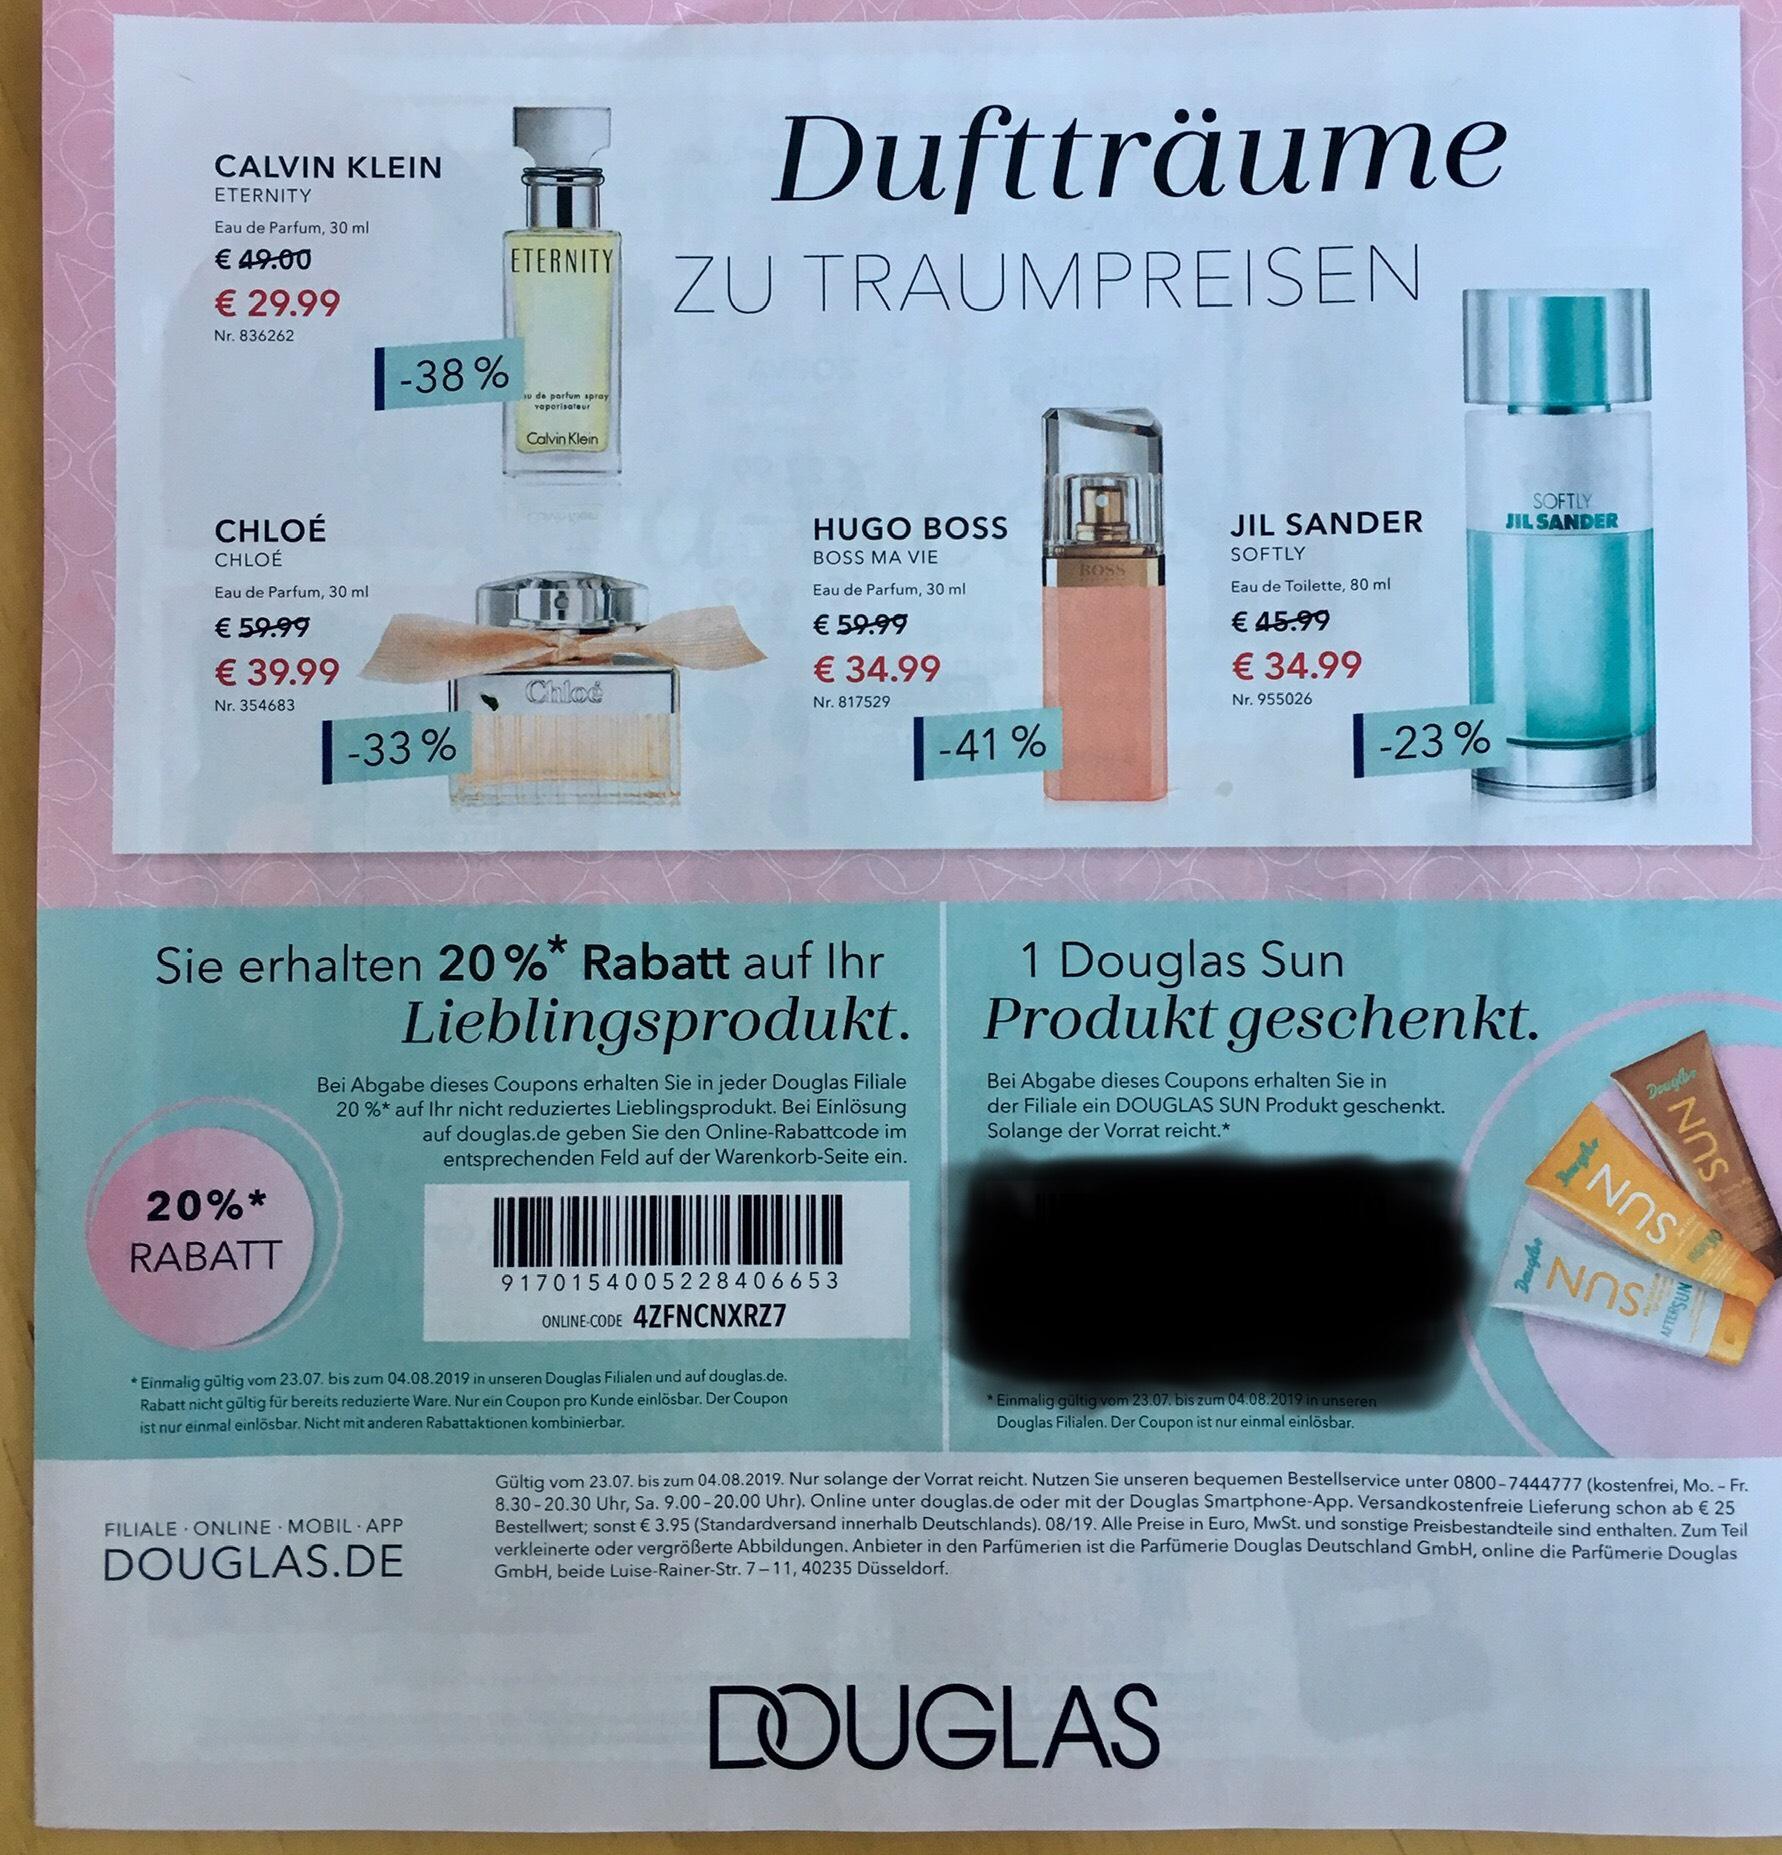 [Douglas.de] 20% Rabatt auf nicht reduziertes Produkt